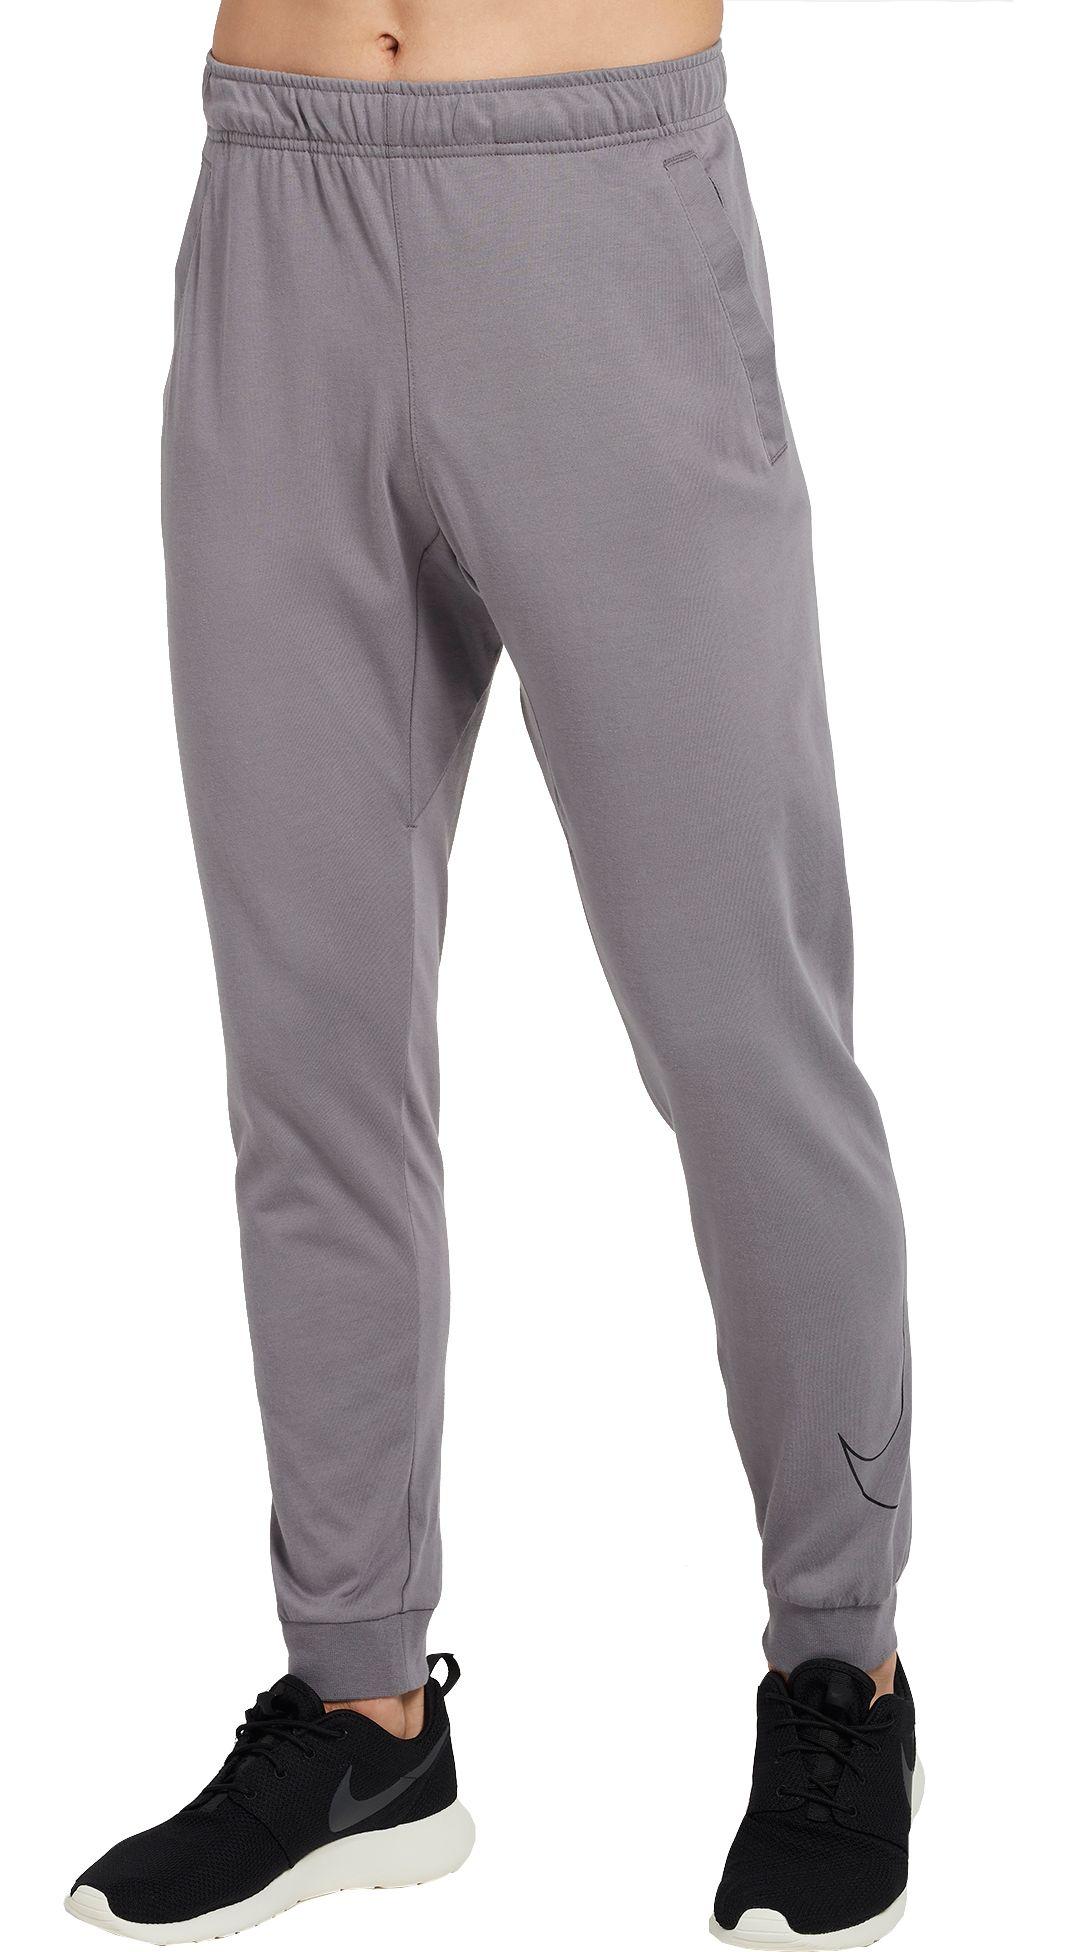 c5030218 Nike Men's Dri-FIT Training Pants